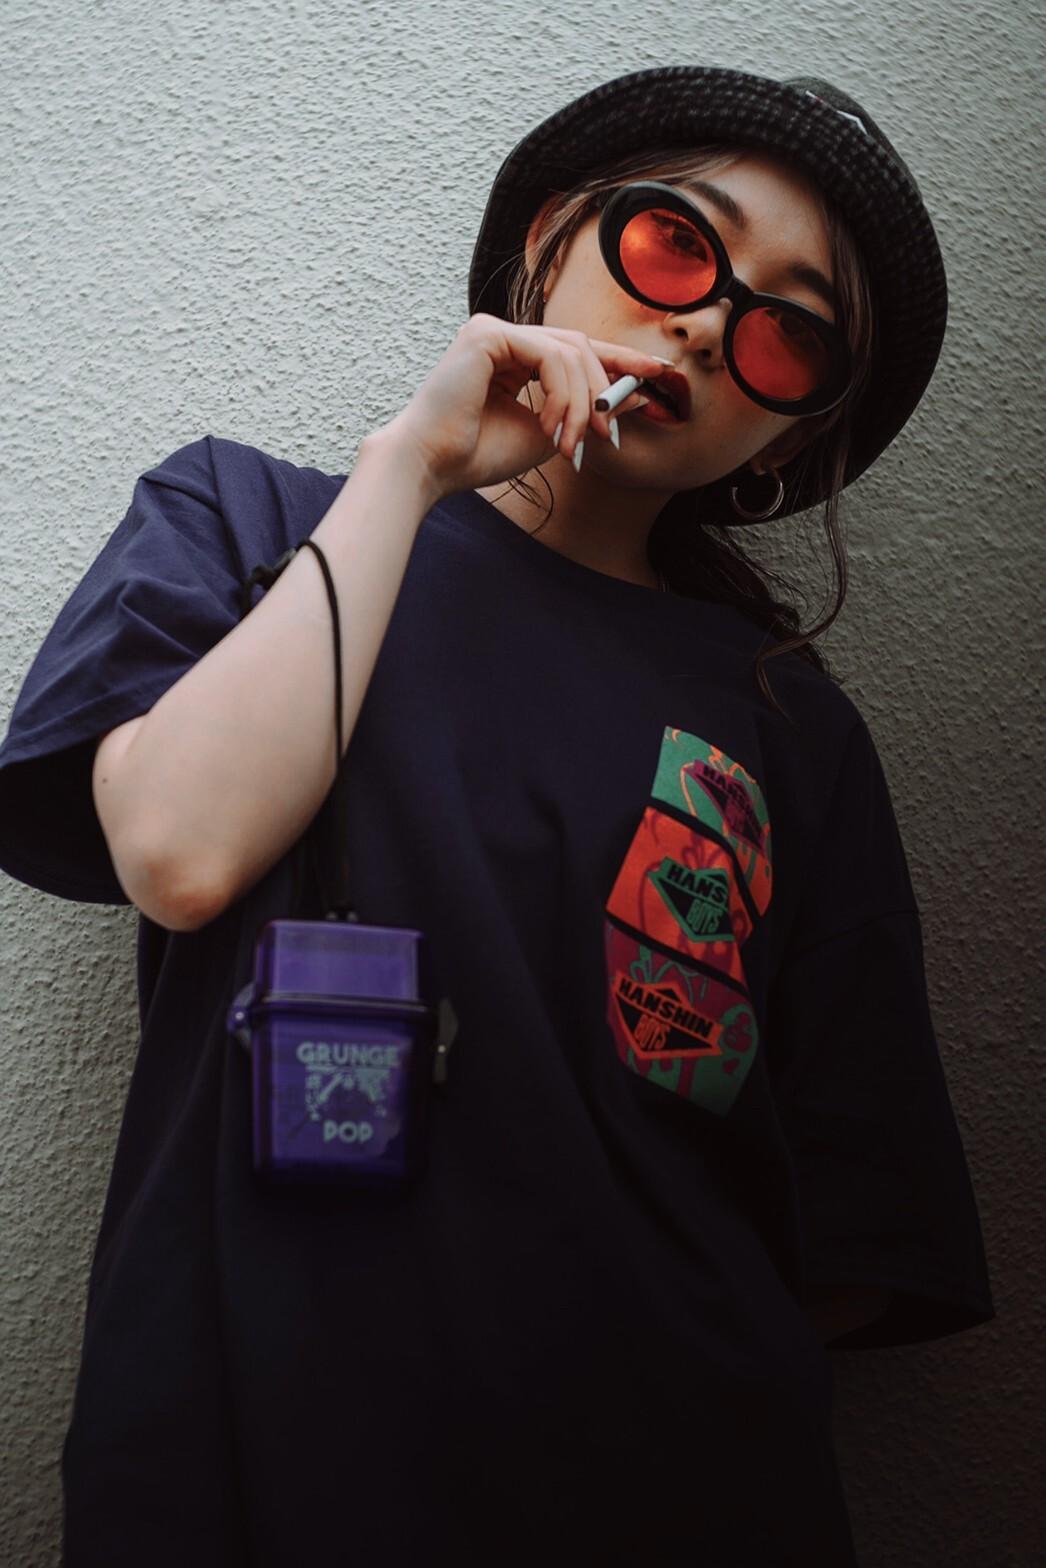 HANSHIN BOYS Tシャツ colorfulプリント